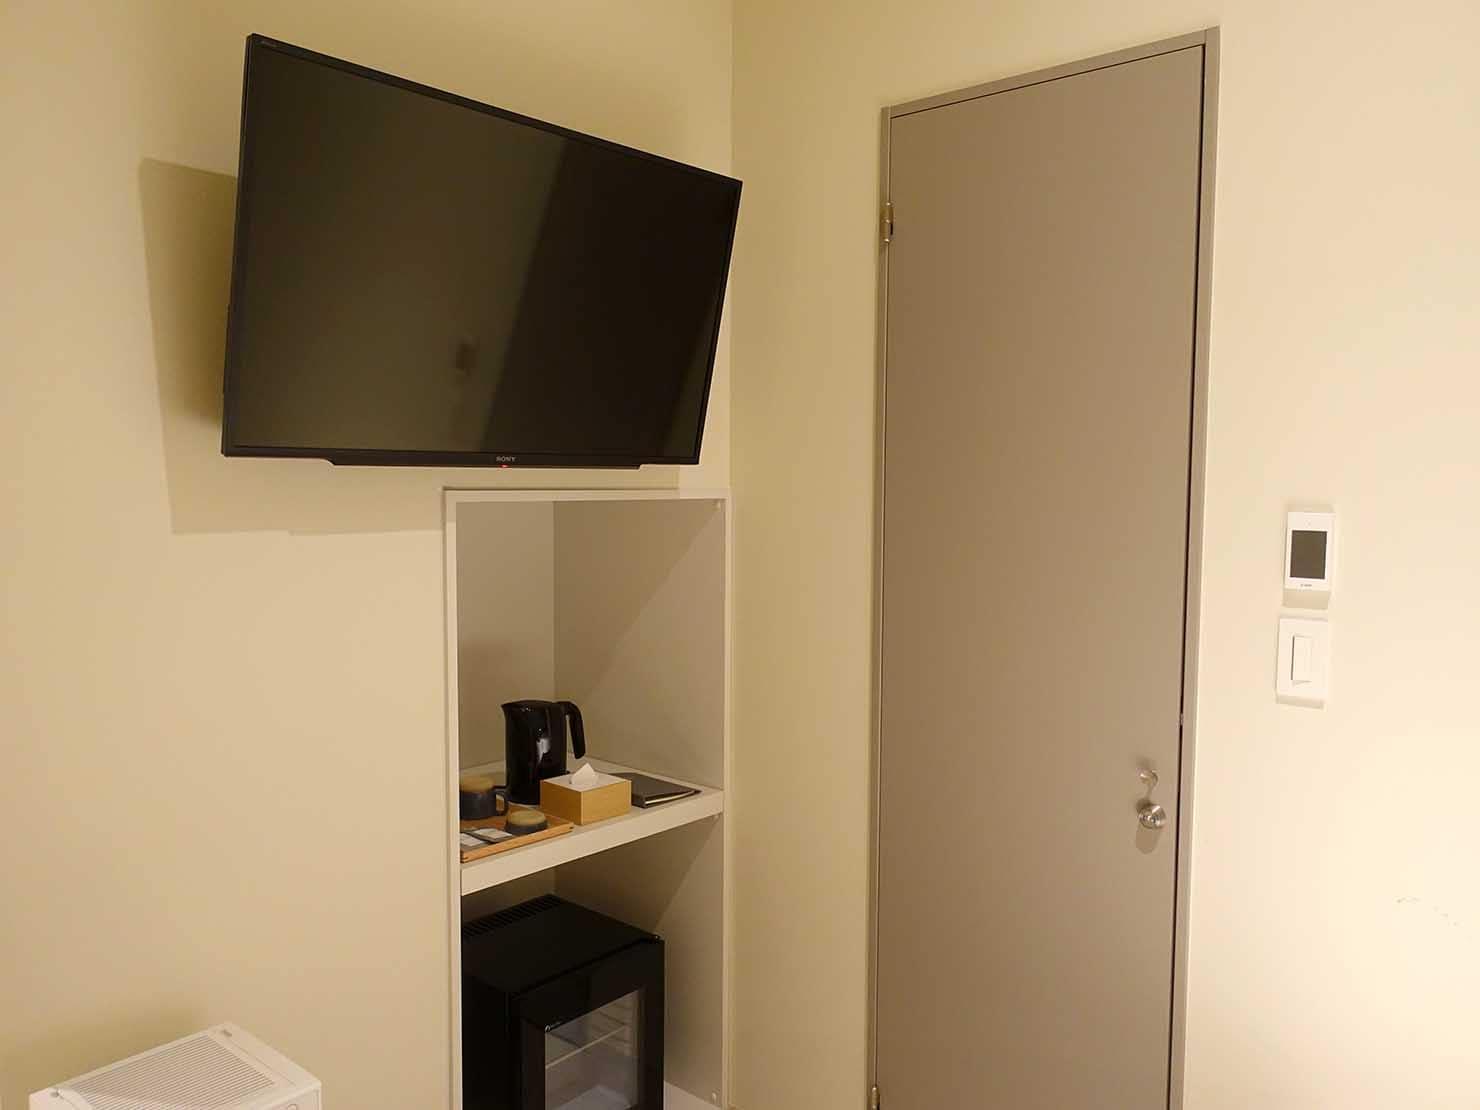 広島・八丁堀のおしゃれなリノベホテル「KIRO広島 The Share Hotels」コンパクトダブルのバスルームへのドア